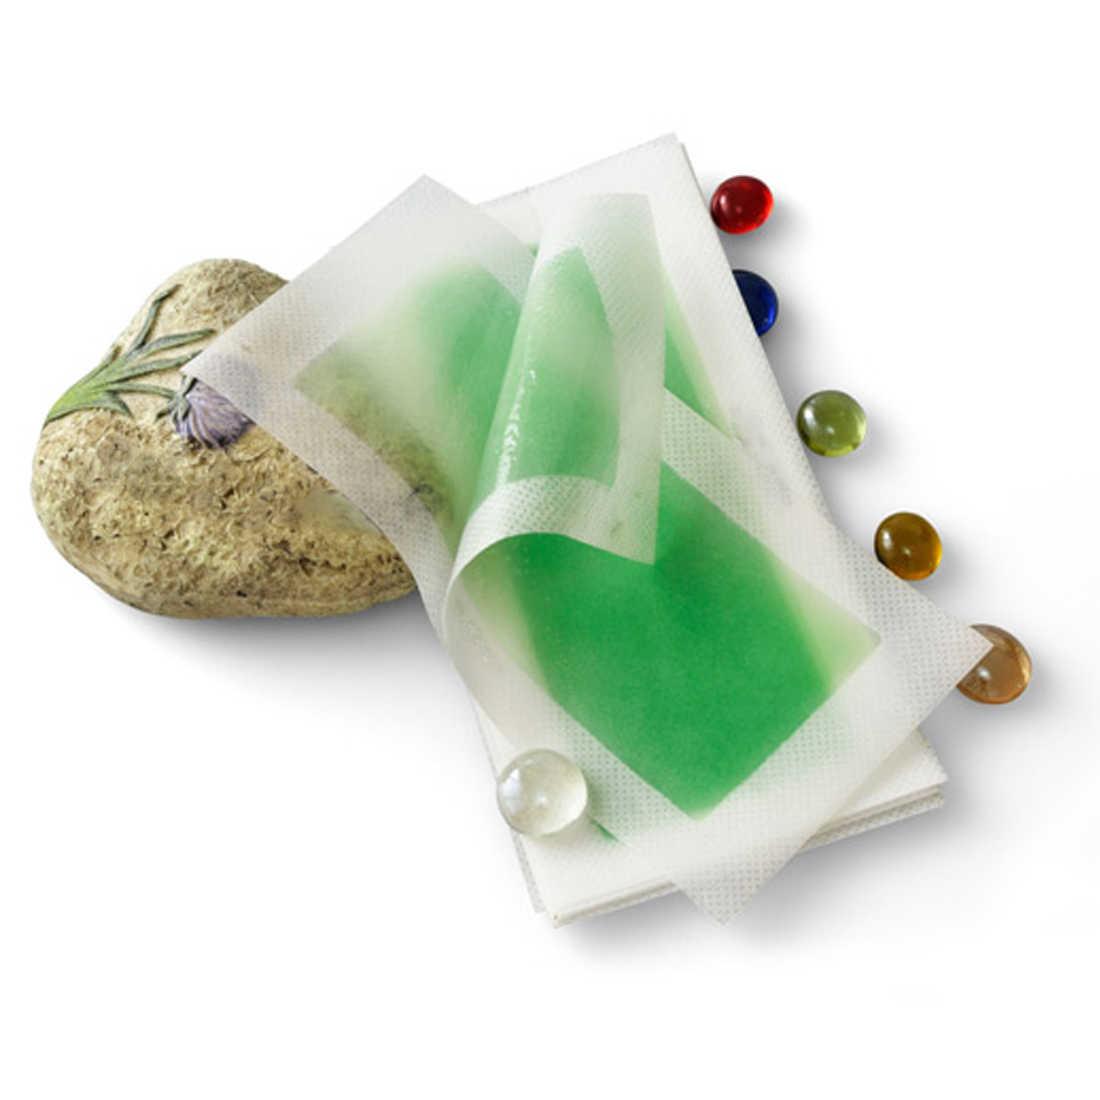 Yeni Yeşil Saç Kaldırma Çift Taraflı Soğuk balmumu şerit Kağıtları 10 adet 5 levhalar Bacak Vücut Yüz Ağda Nonwoven Tüy Dökücü sökücü